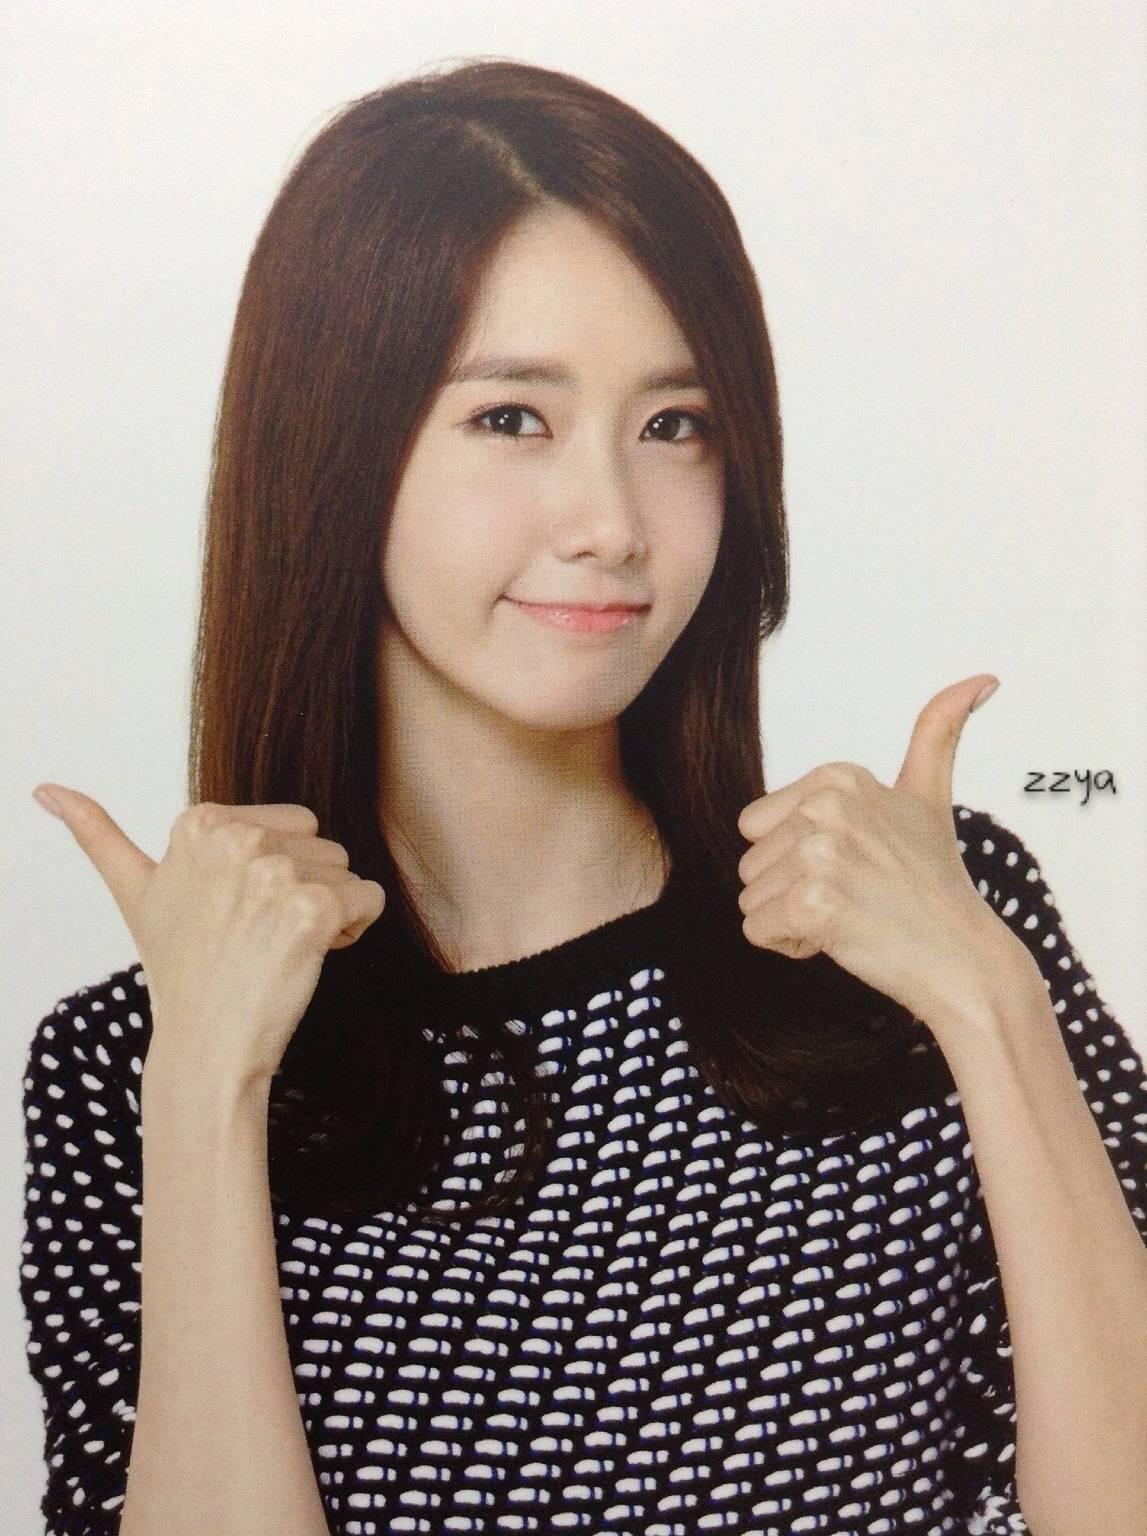 Dating agency cyrano sooyoung hair 6